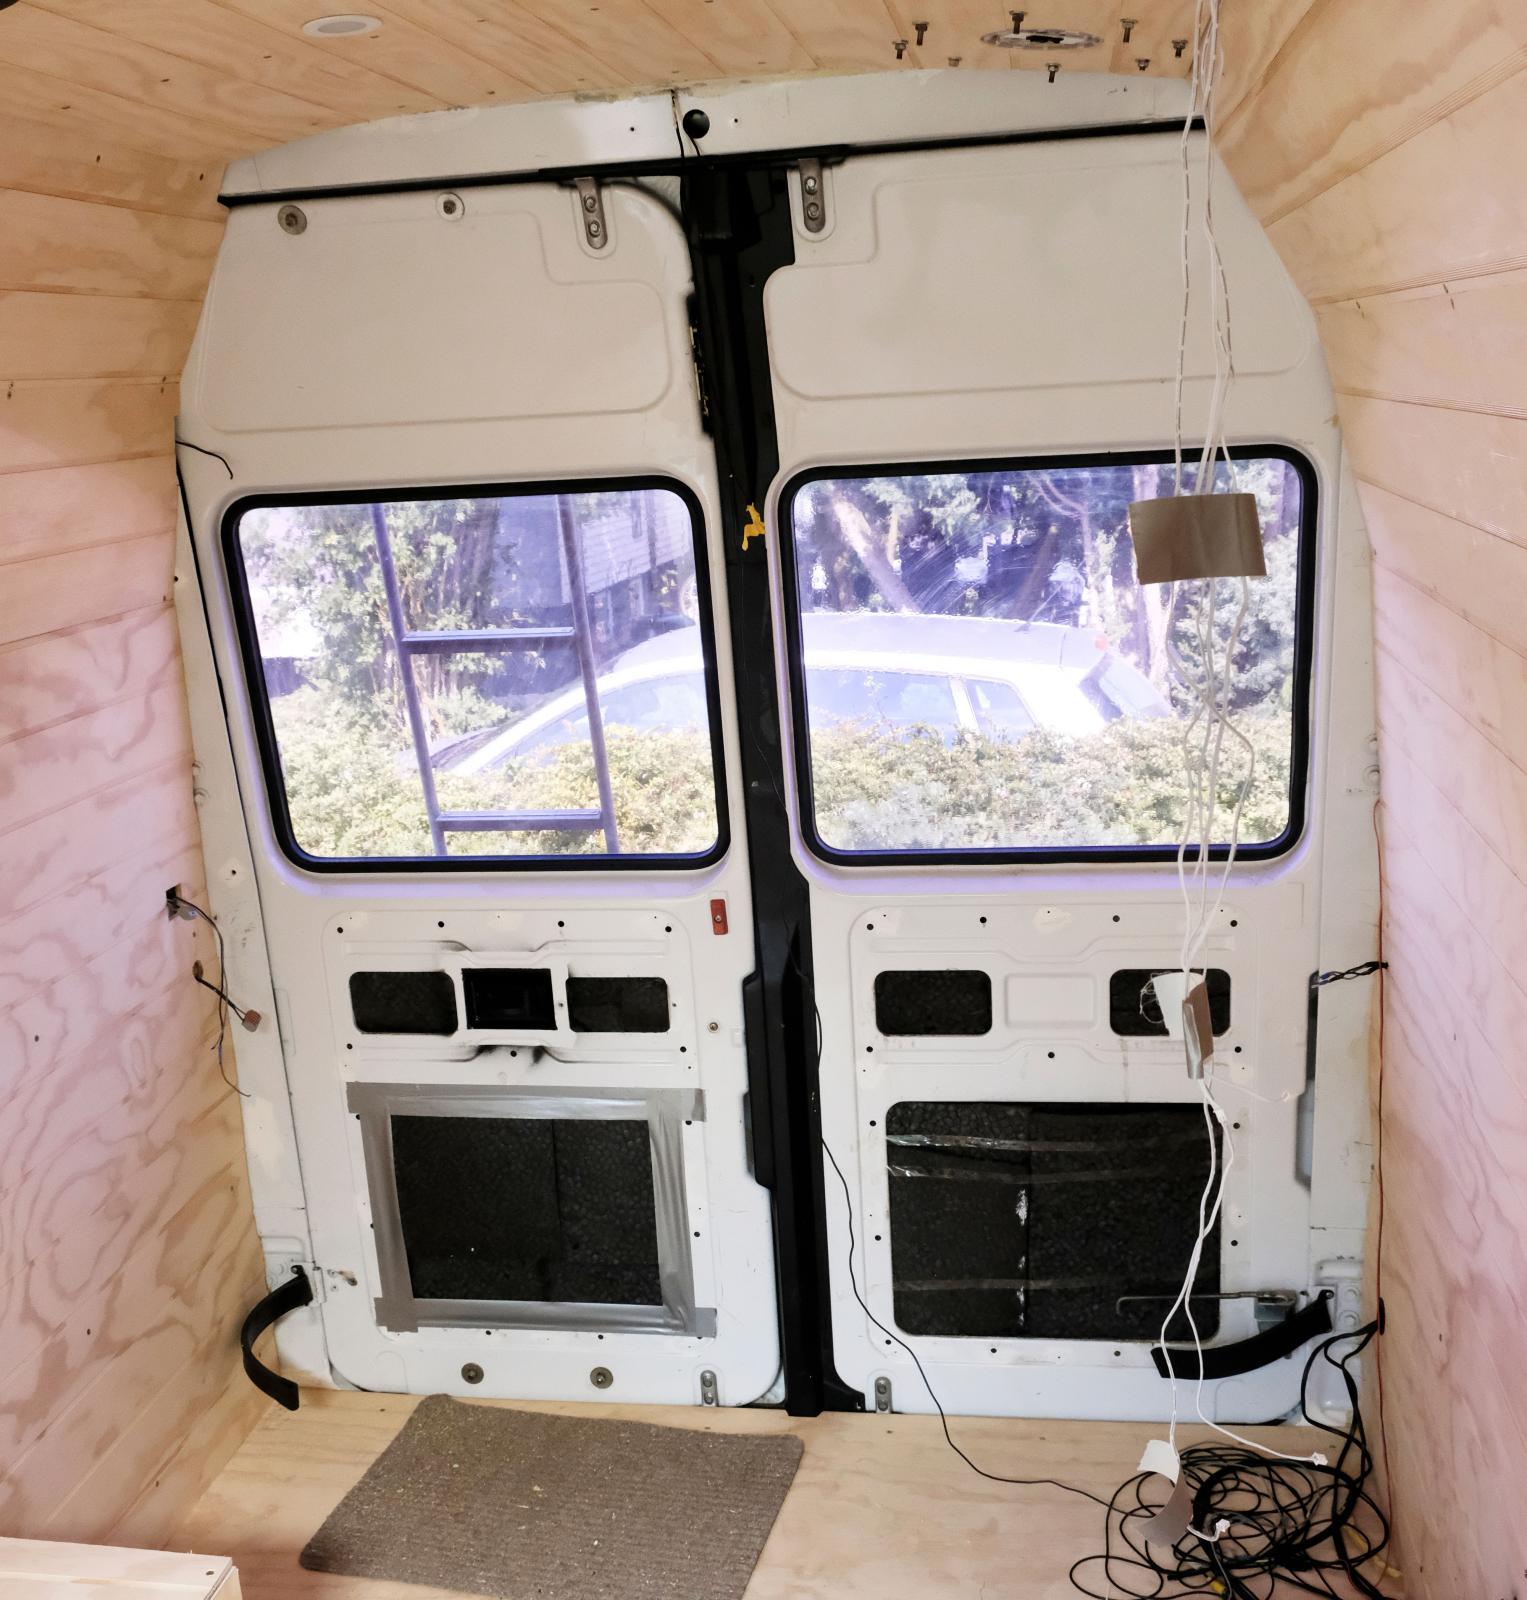 Även bakdörrarna kommer att täckas med träpanel så småningom. Följ utvecklingen på Patriks Instagram.